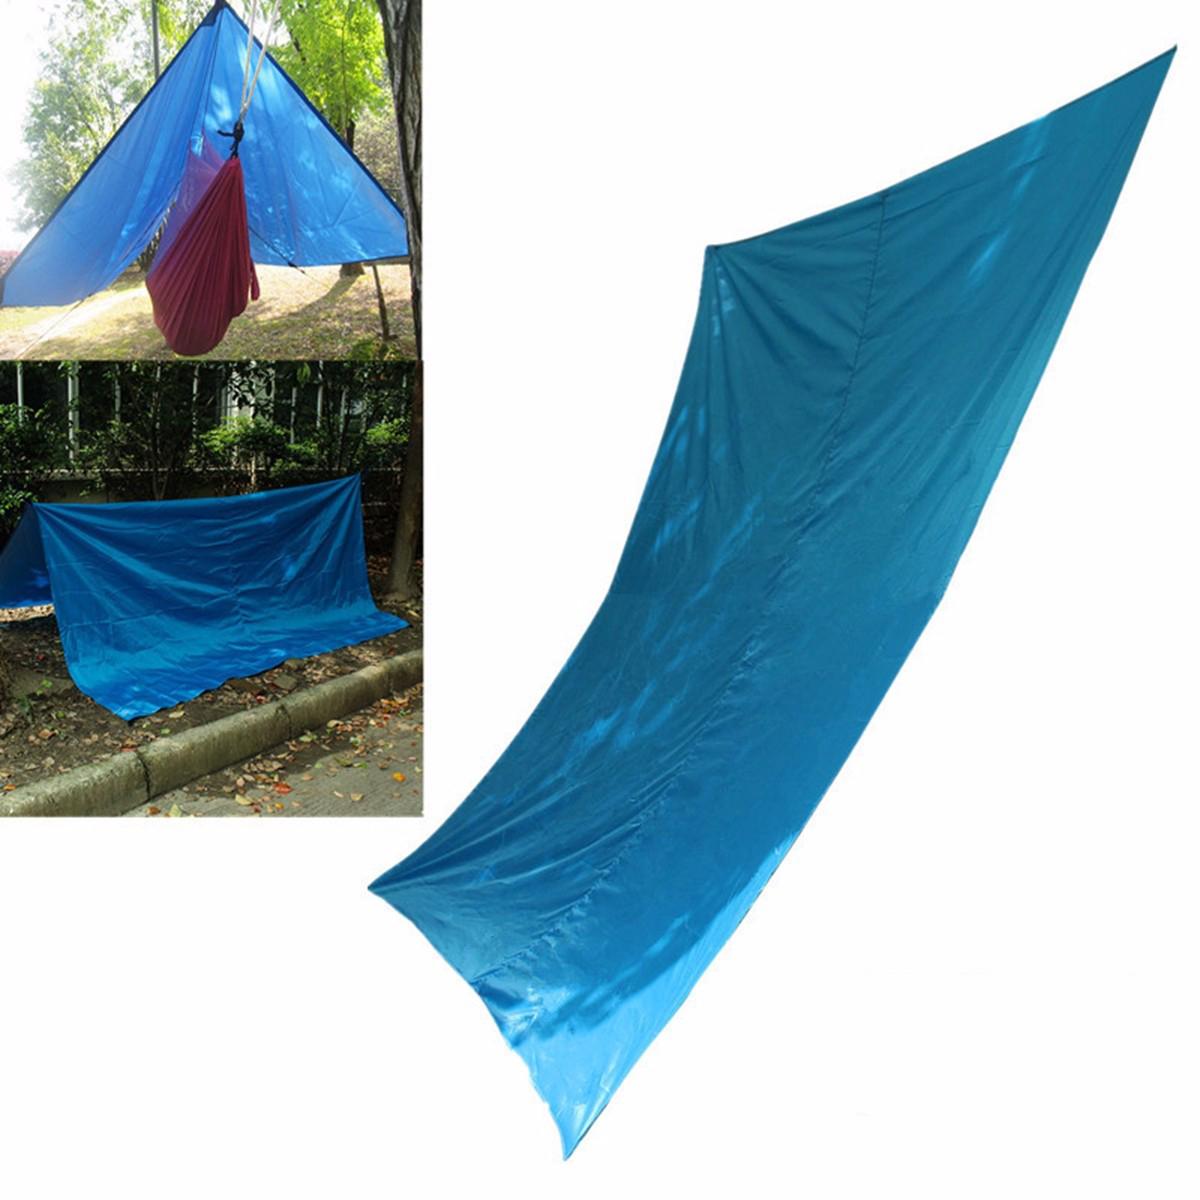 См X 300см Открытый Гамак Хэвелок Навес Навес ВС Shelter Tent Shading Путешествия Отдых Туризм